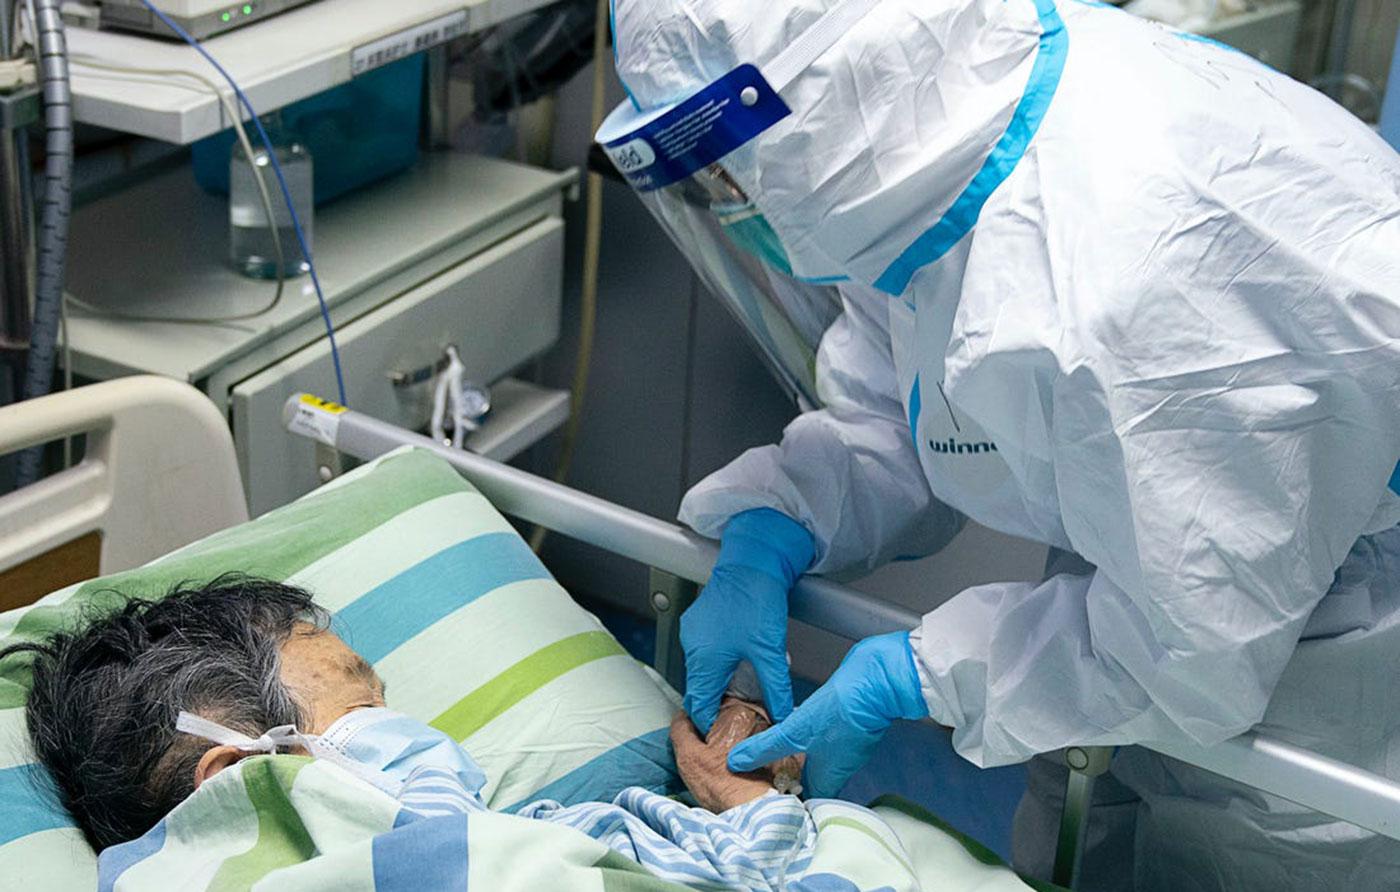 الصين تعلن تحقيق أول نجاح في علاج مرضى فيروس كورونا - عالم واحد ...